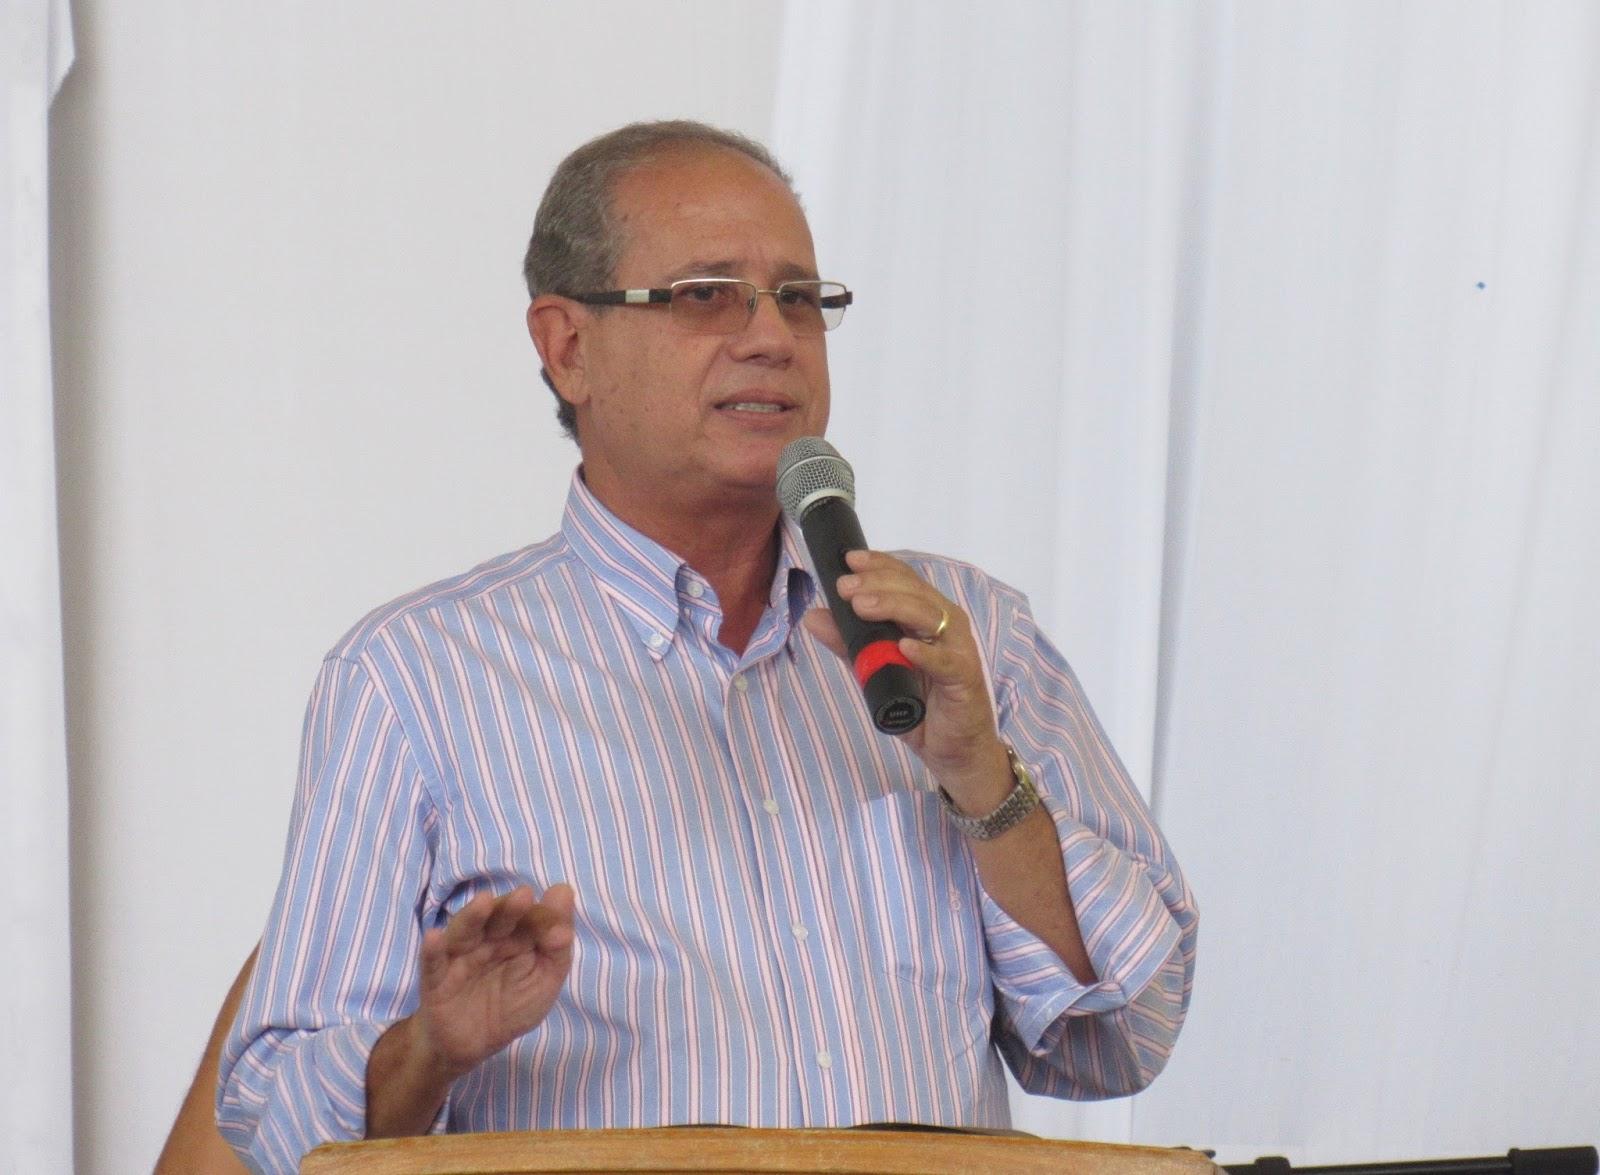 Justiça Federal condena prefeito de Tuparetama após pedido do MPF